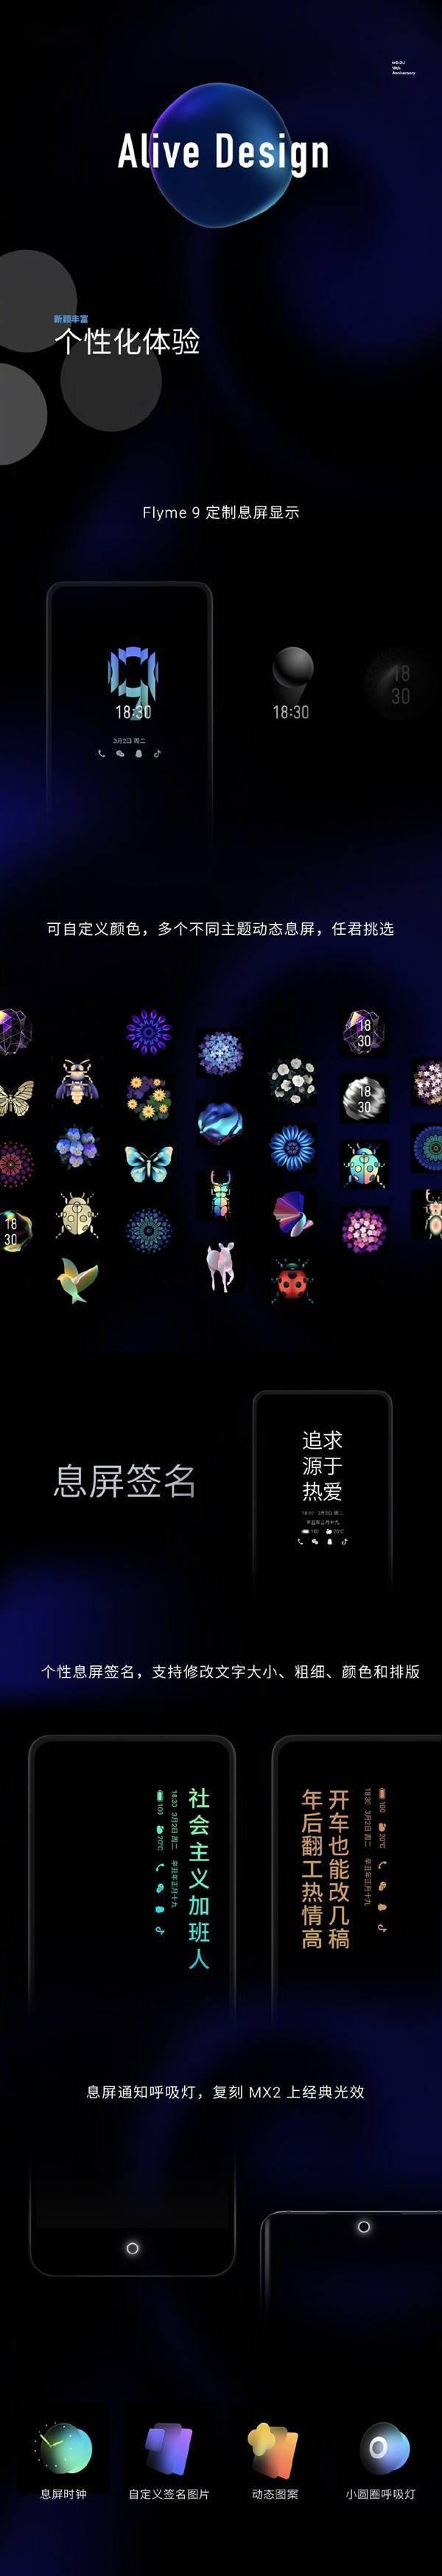 魅族Flyme 9发布:界面/动画/隐私大升级、首发小窗模式3.0的照片 - 9